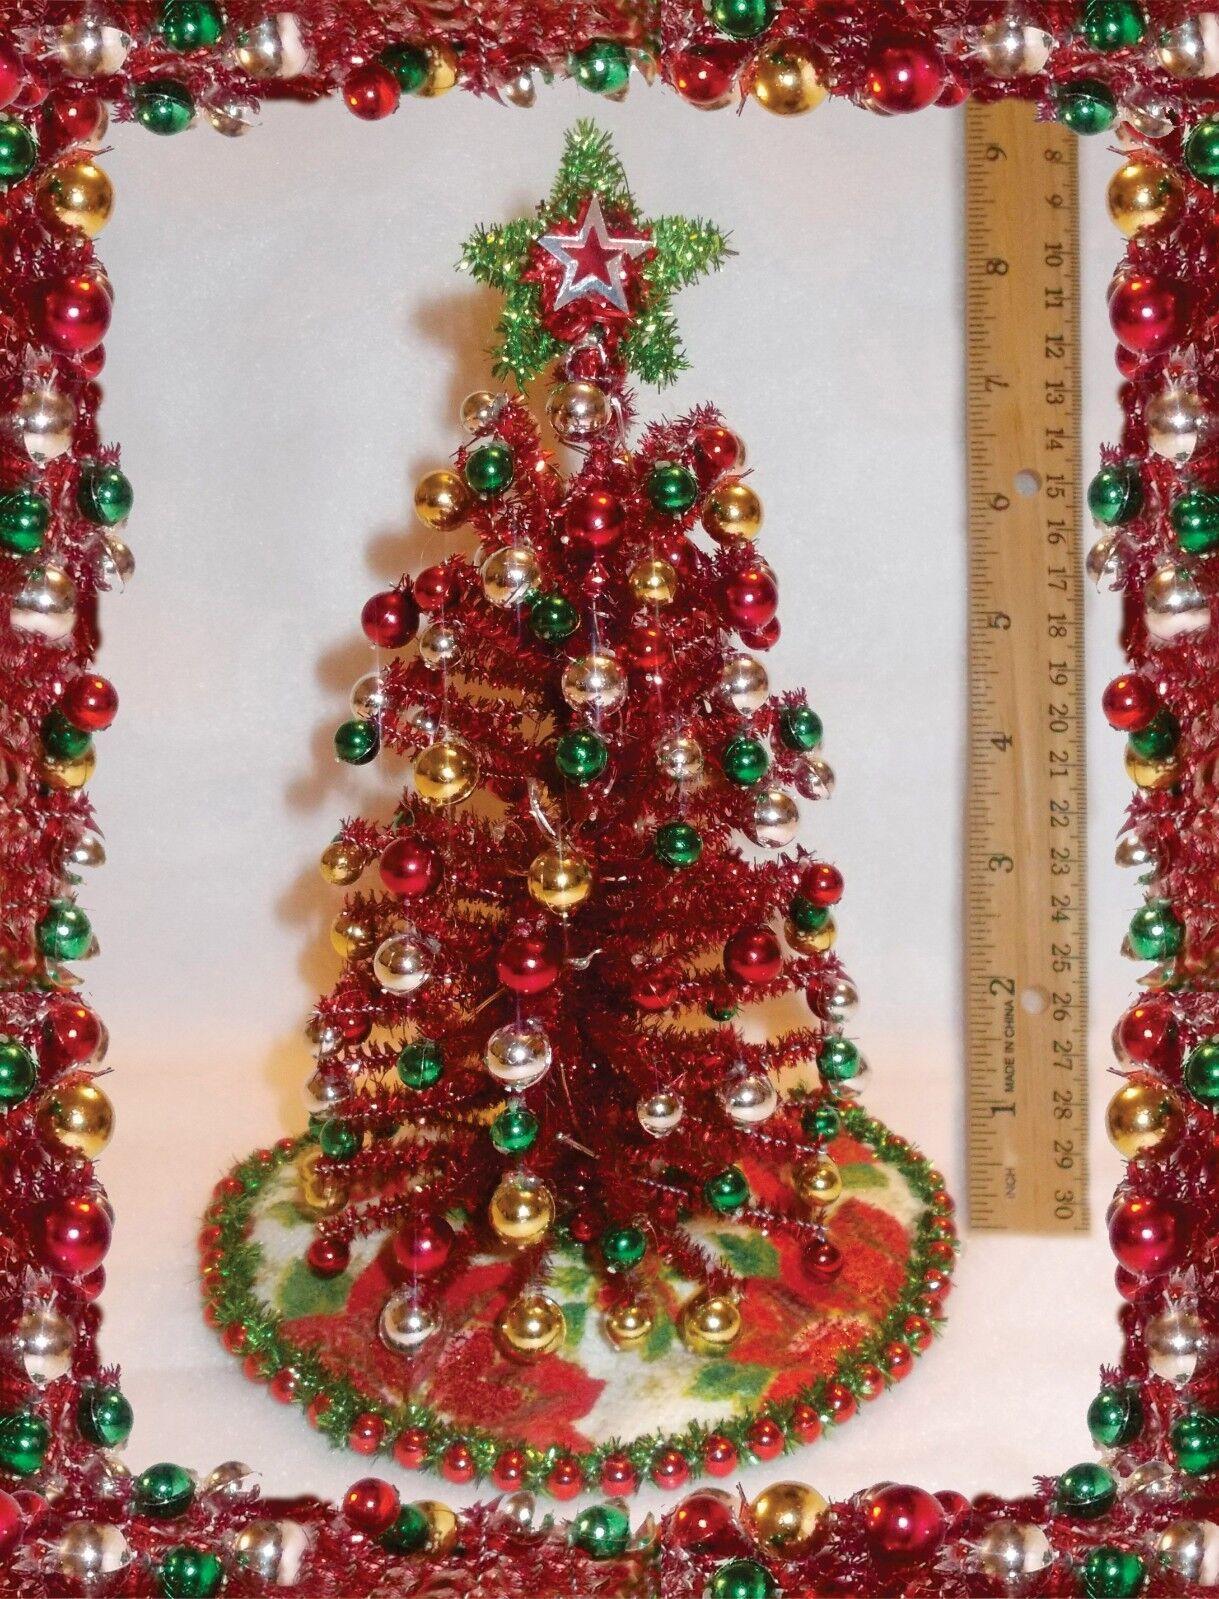 Nuevo 8  Iluminado Rojo oropel Casa De Muñecas Miniaturas de árbol de Navidad de mediados de siglo moderna